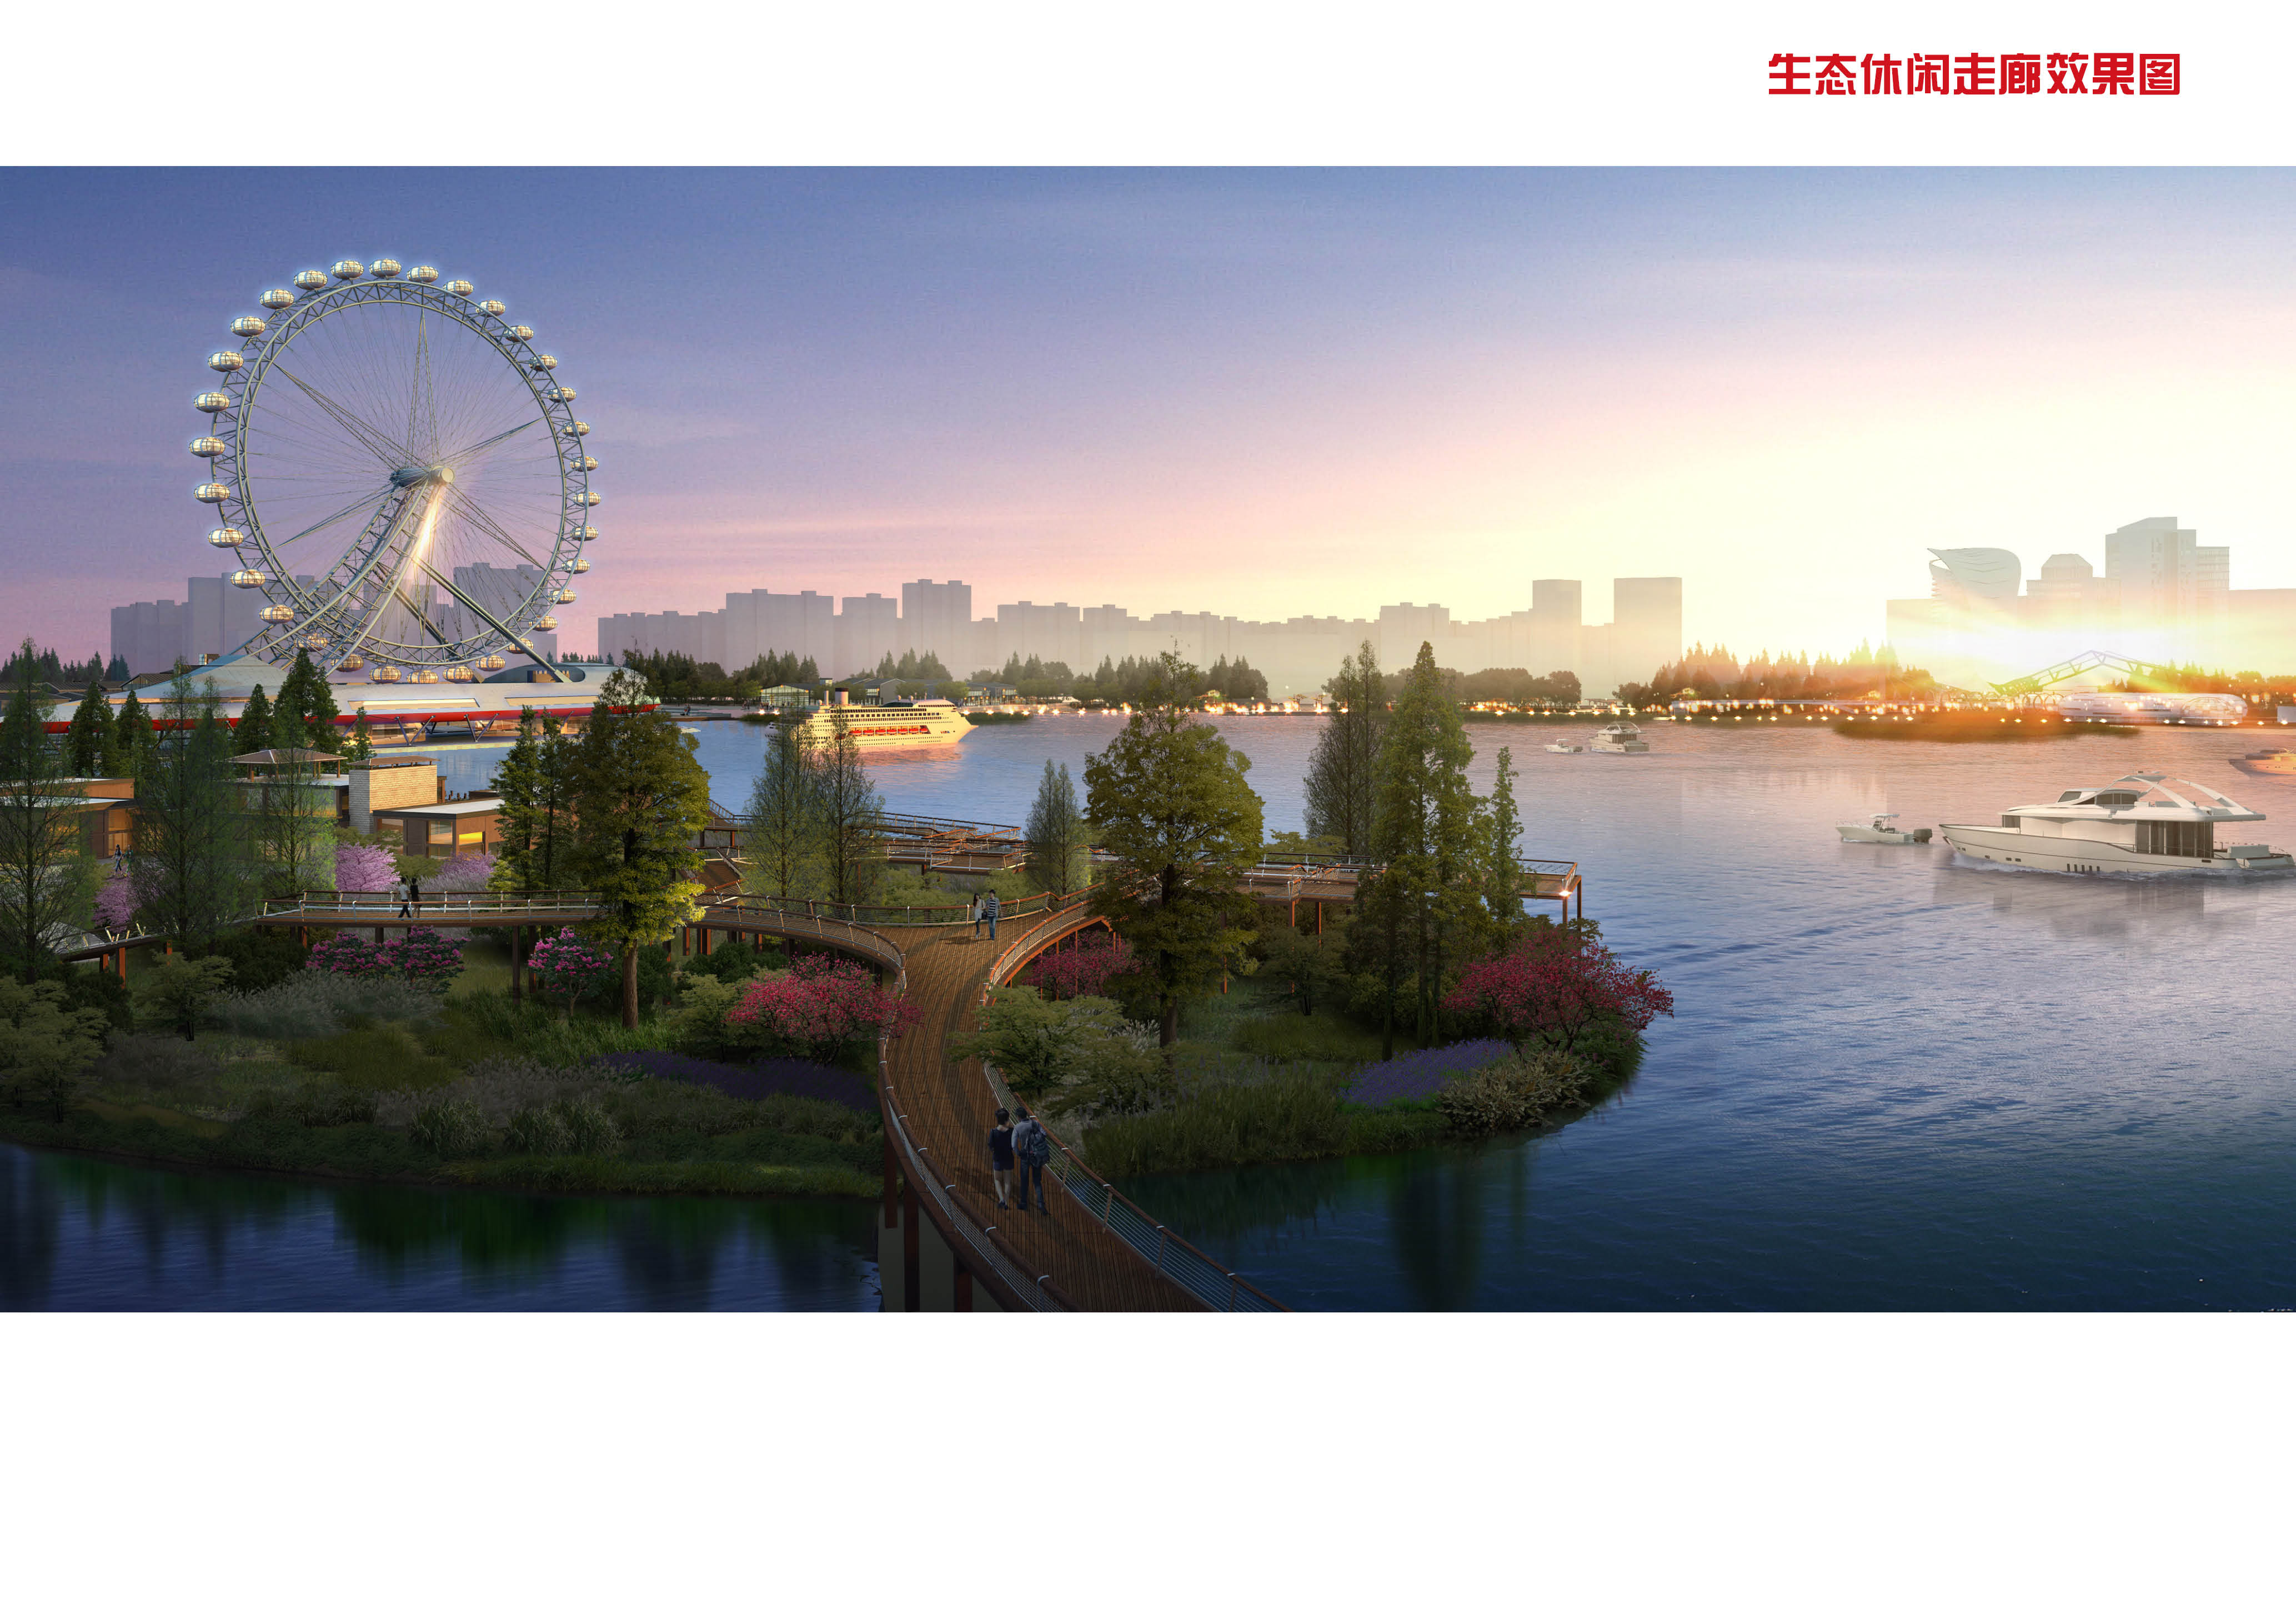 洋口港开发区海洋主题公园-洋口港开发区海洋主题公园景观设计71